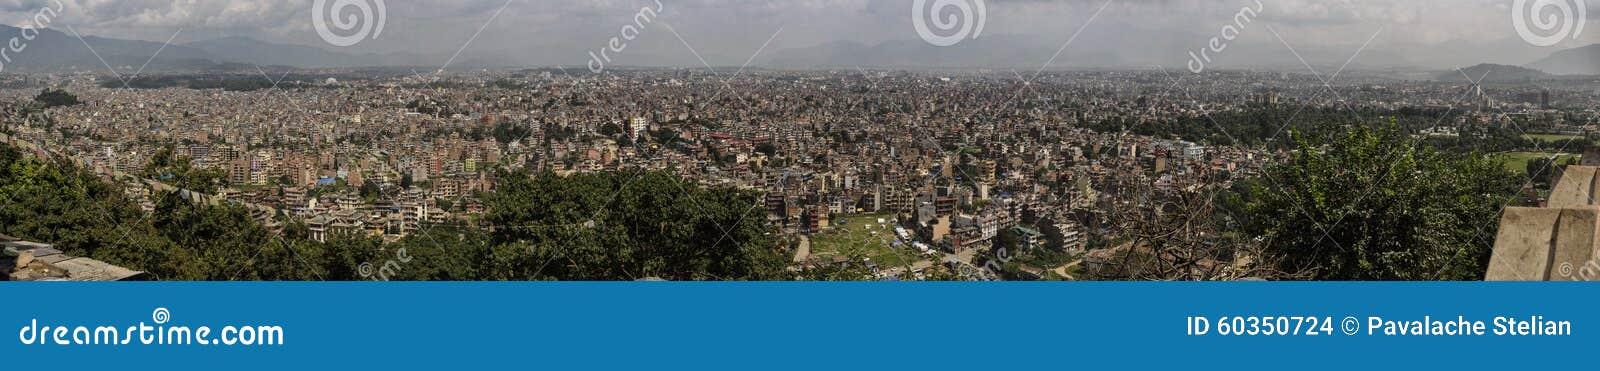 Панорама городского пейзажа Катманду Непал